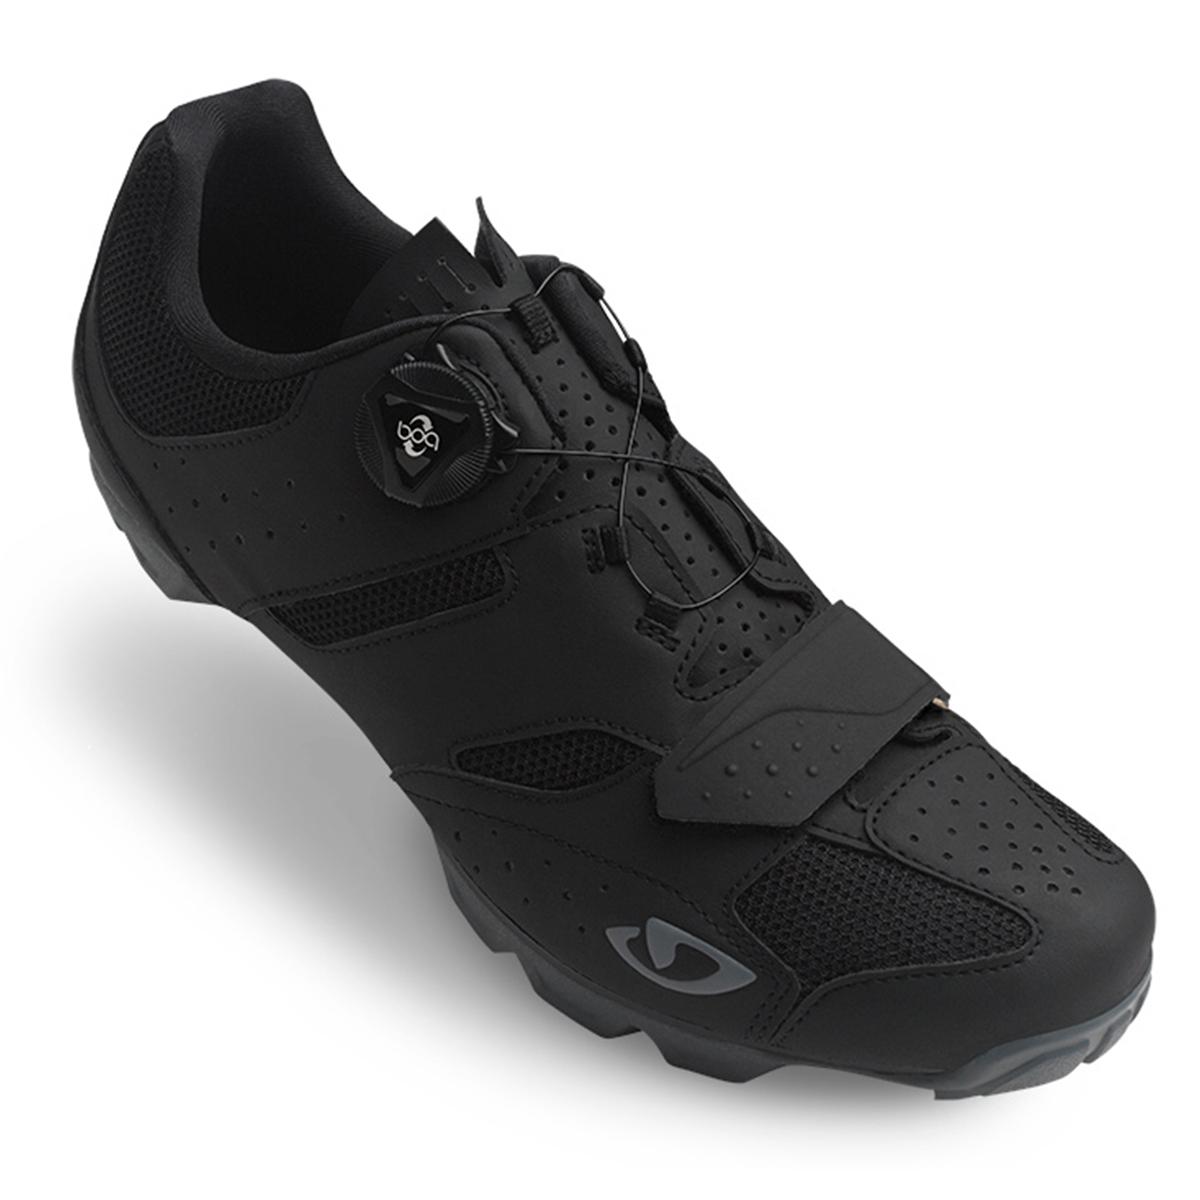 Giro Cylinder Mountain Bike Shoes